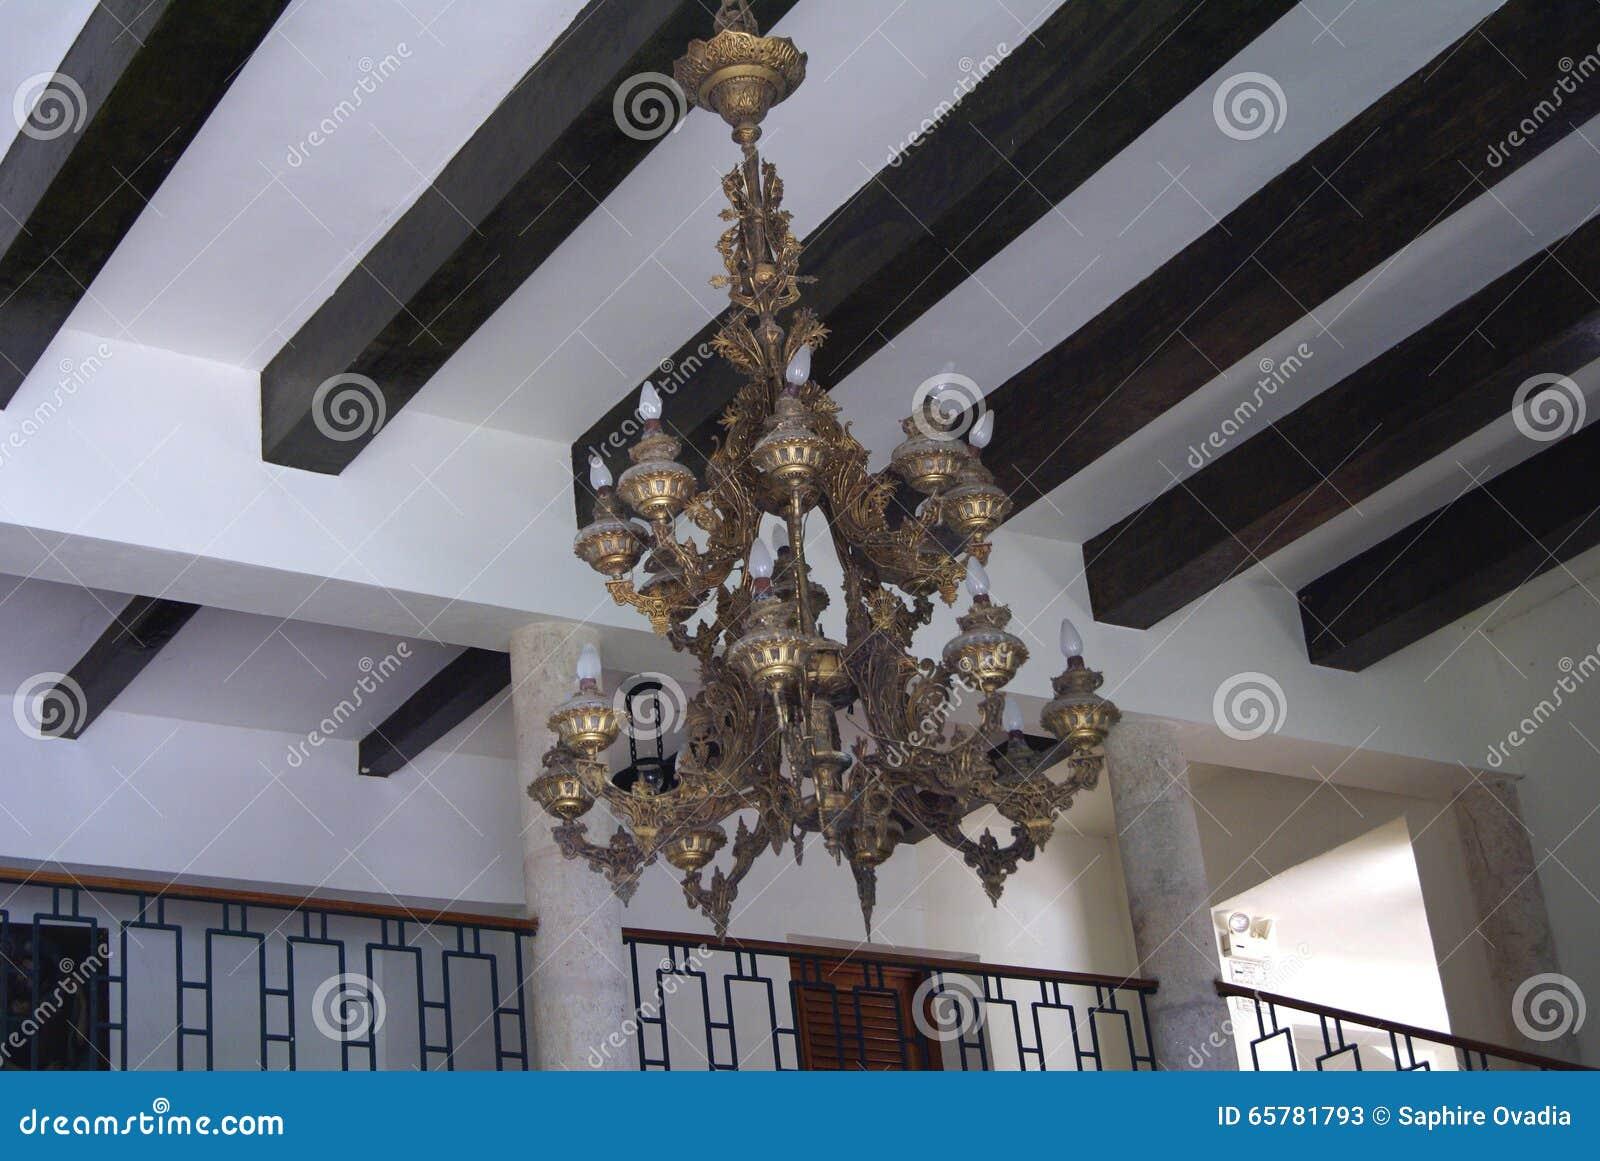 Lanterna Illuminazione : Lanterna dannata del candeliere della lampada di illuminazione di